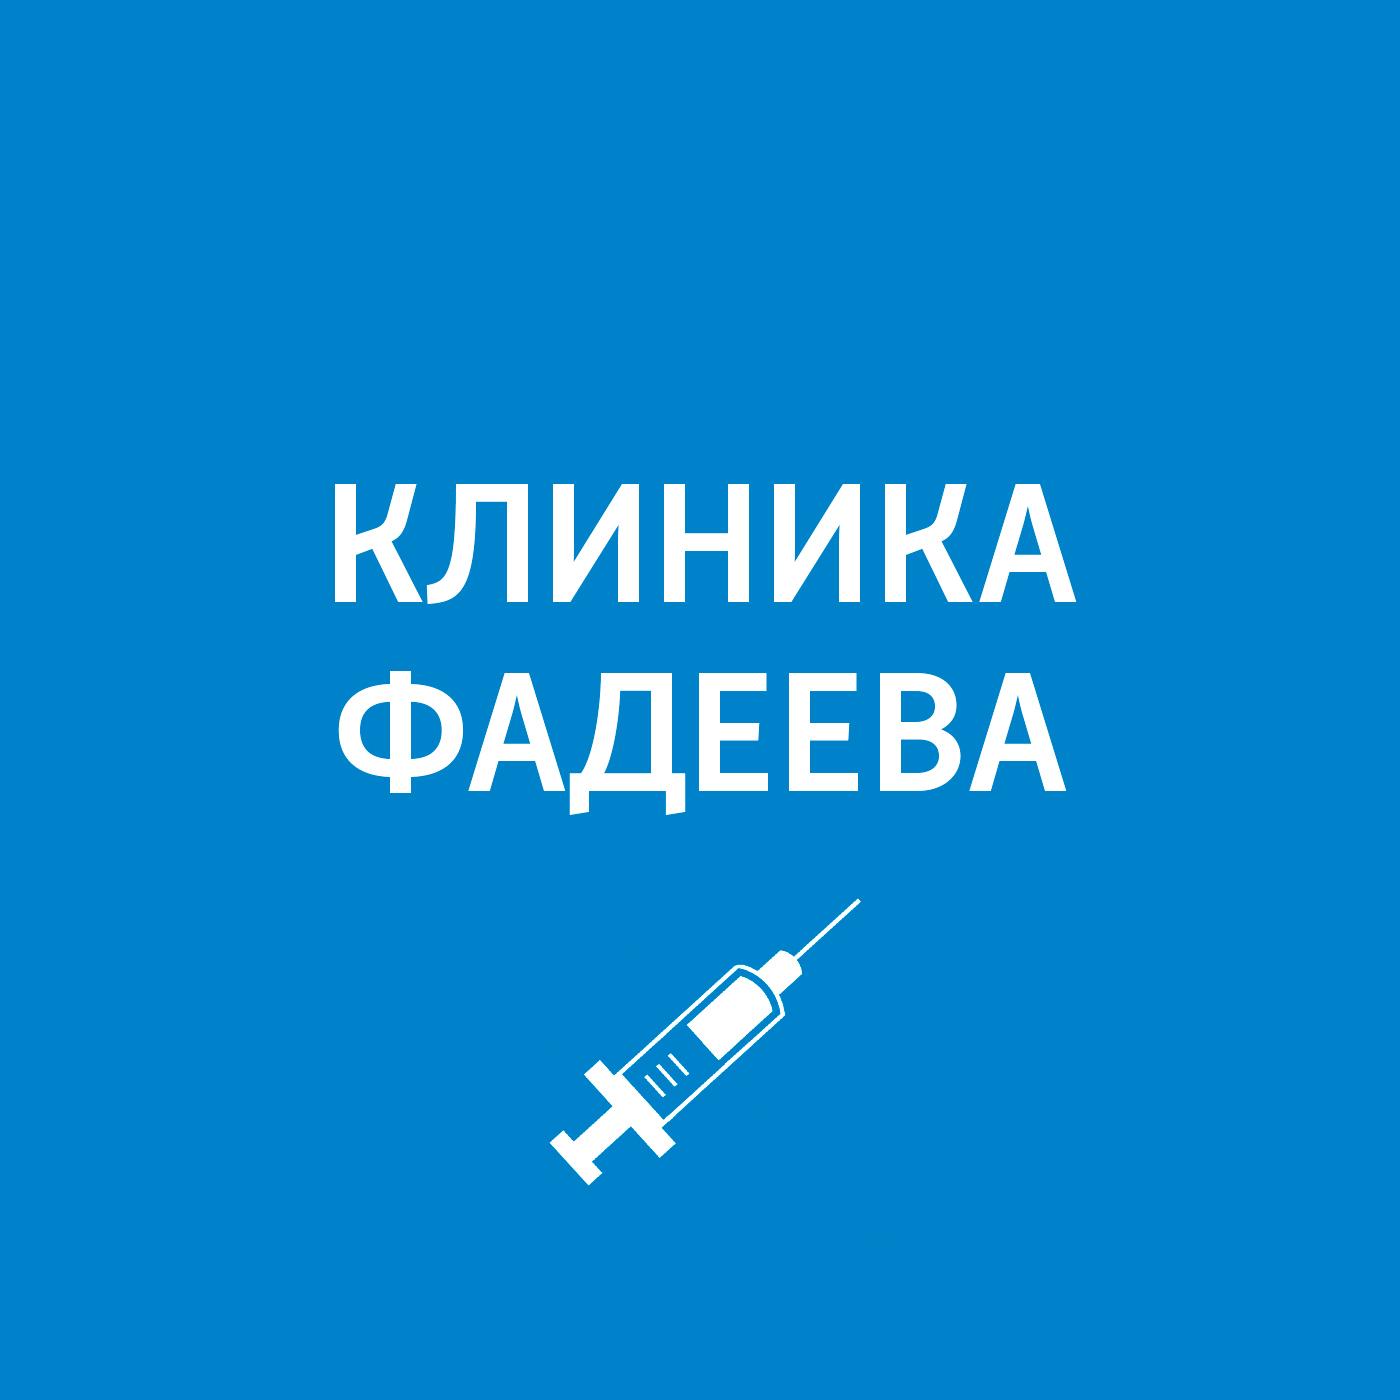 Фото - Пётр Фадеев Прием ведет врач неотложной помощи: Что делать, если Вы на улице получили травму пётр фадеев врач неотложной помощи